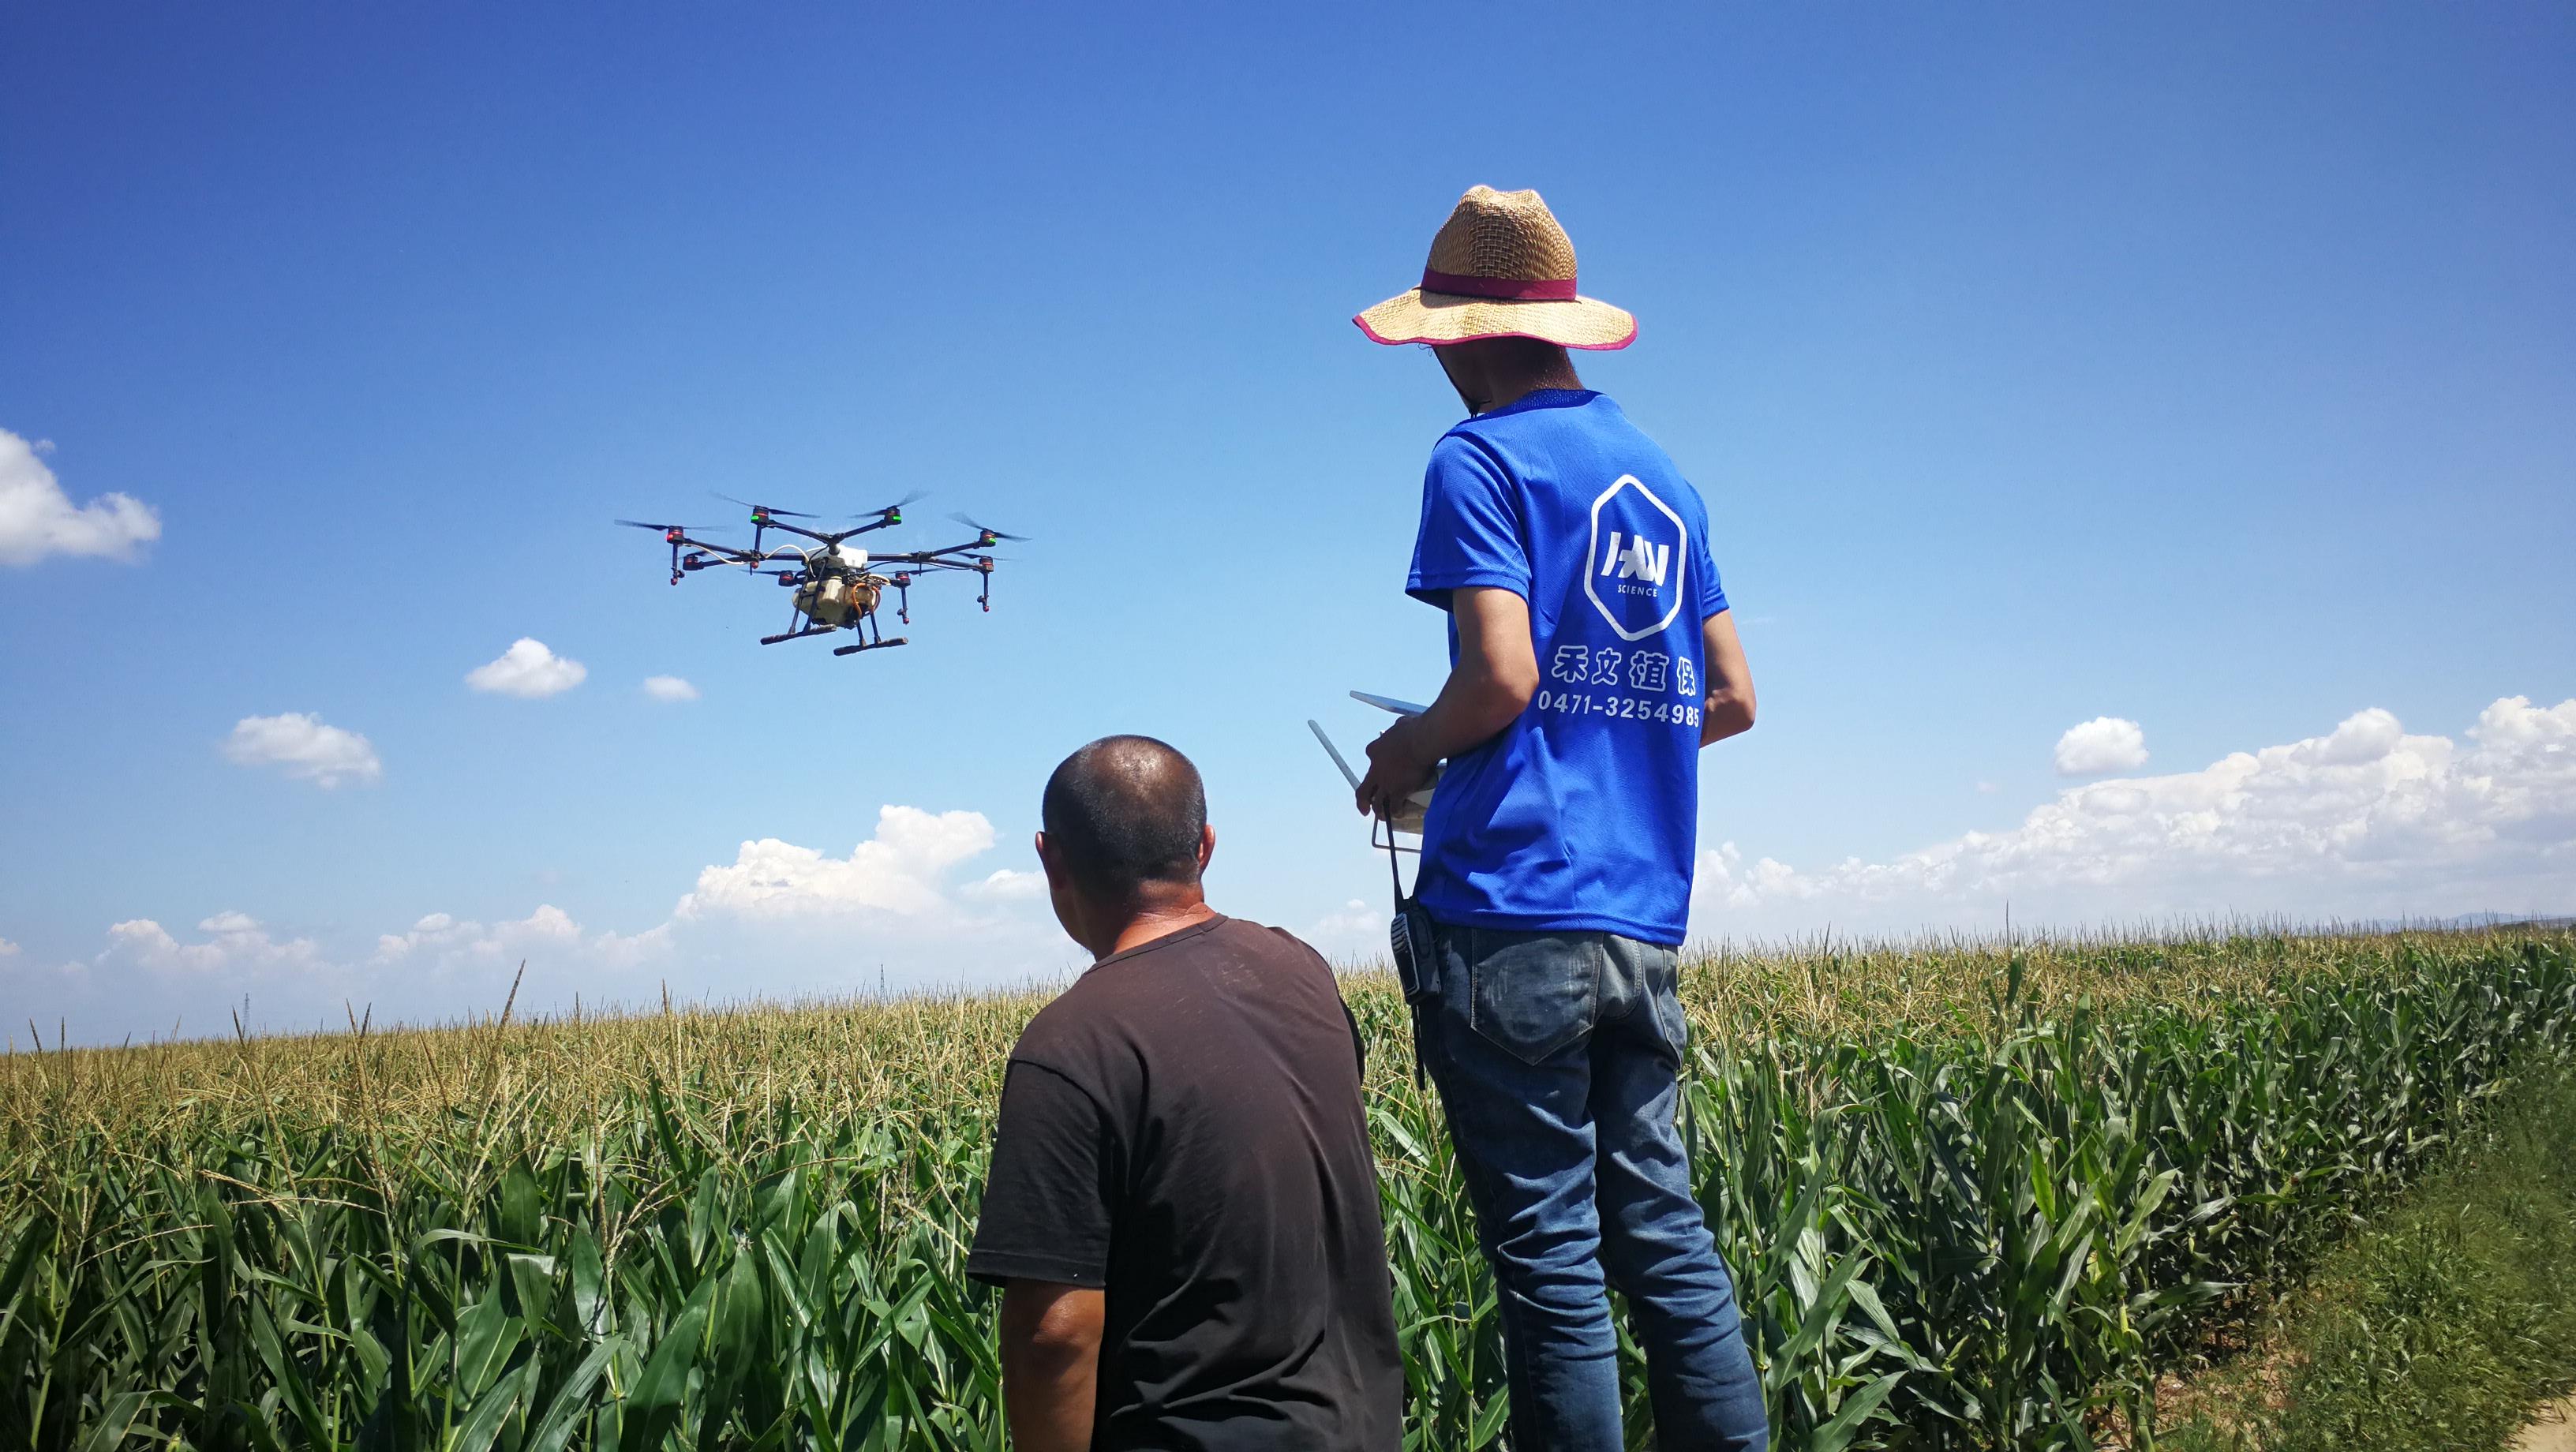 大疆创新:从无人机到无所不能  2017年营收175.7亿元